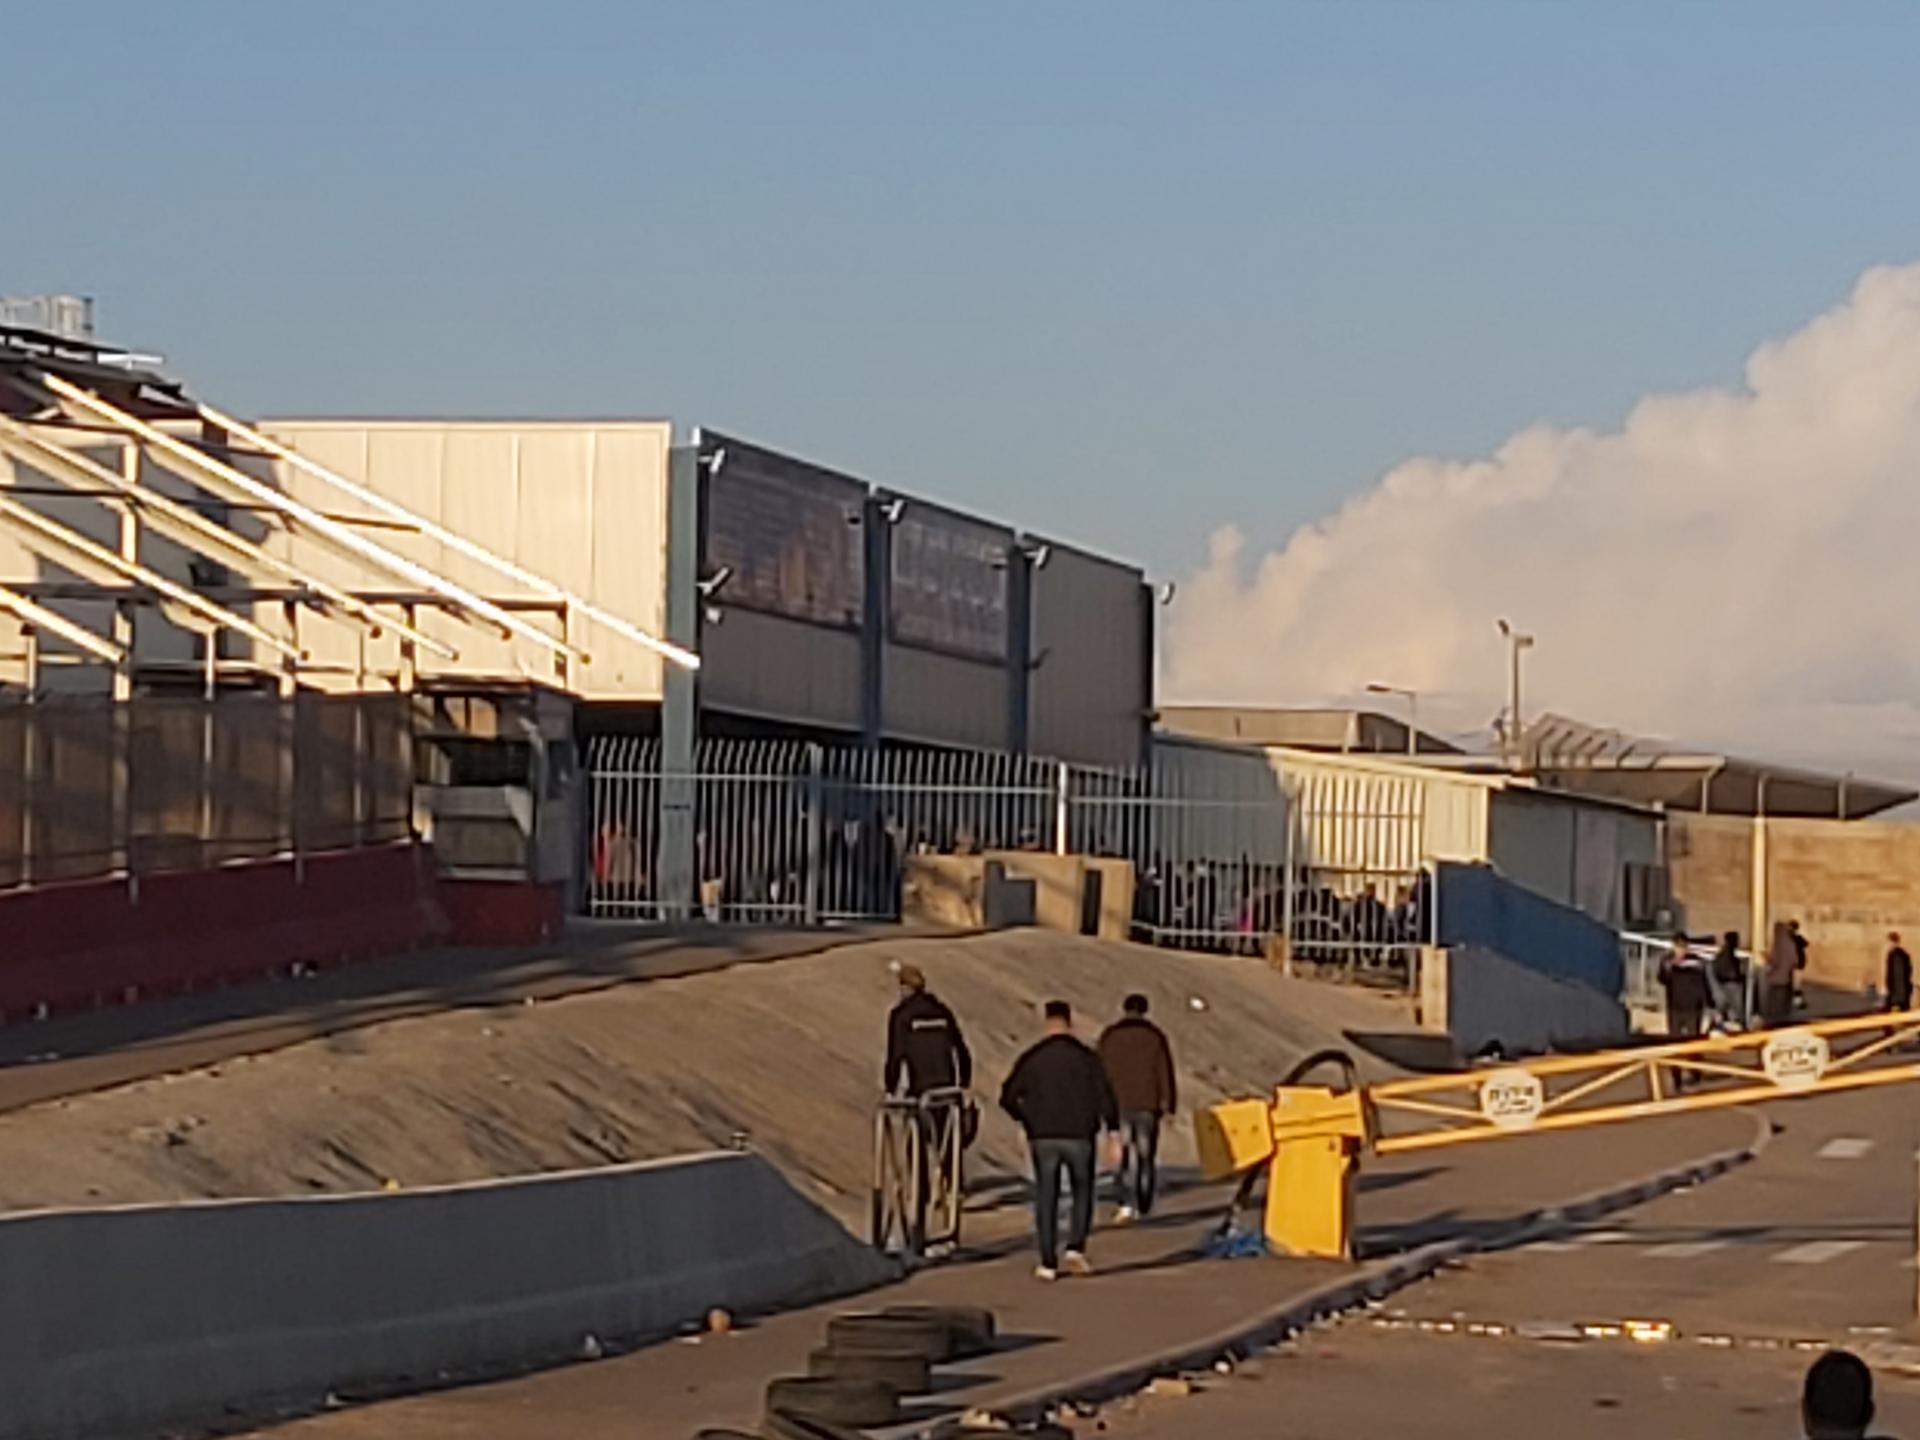 מבט מהקיוסק אל המחסום והתורים שמעבר לגדר